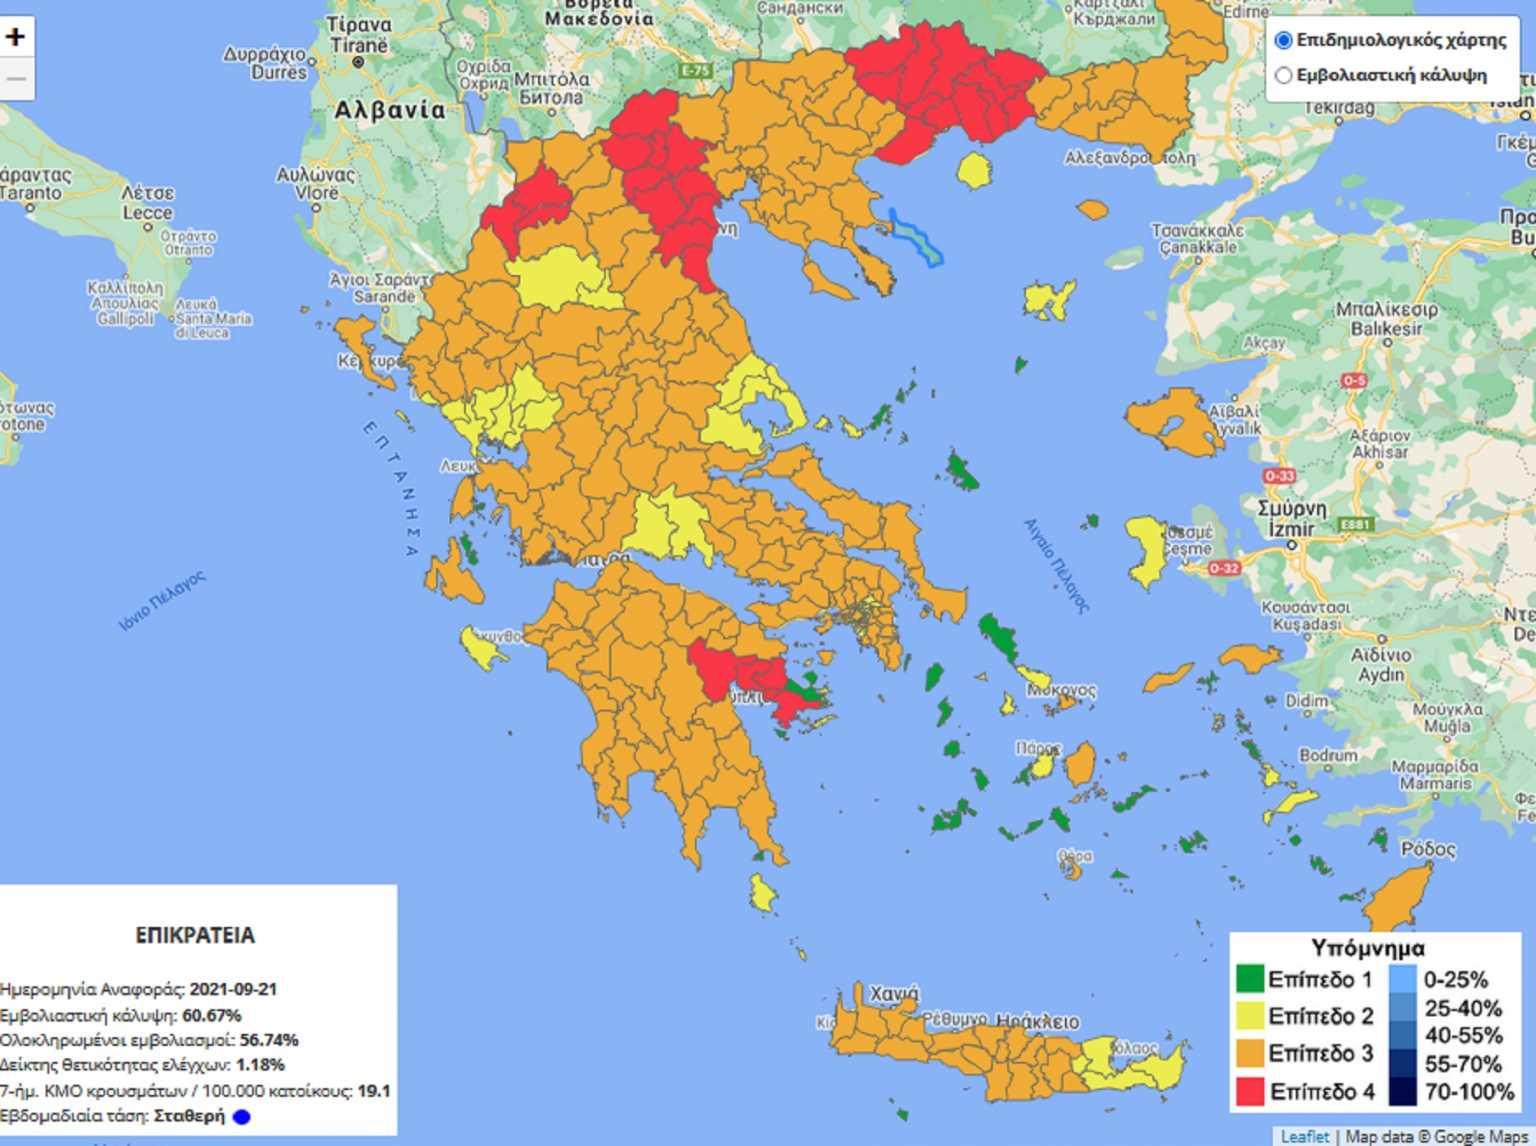 """Επιδημιολογικός χάρτης: Η περιοχή της Κρήτης που """"πρασίνισε"""""""